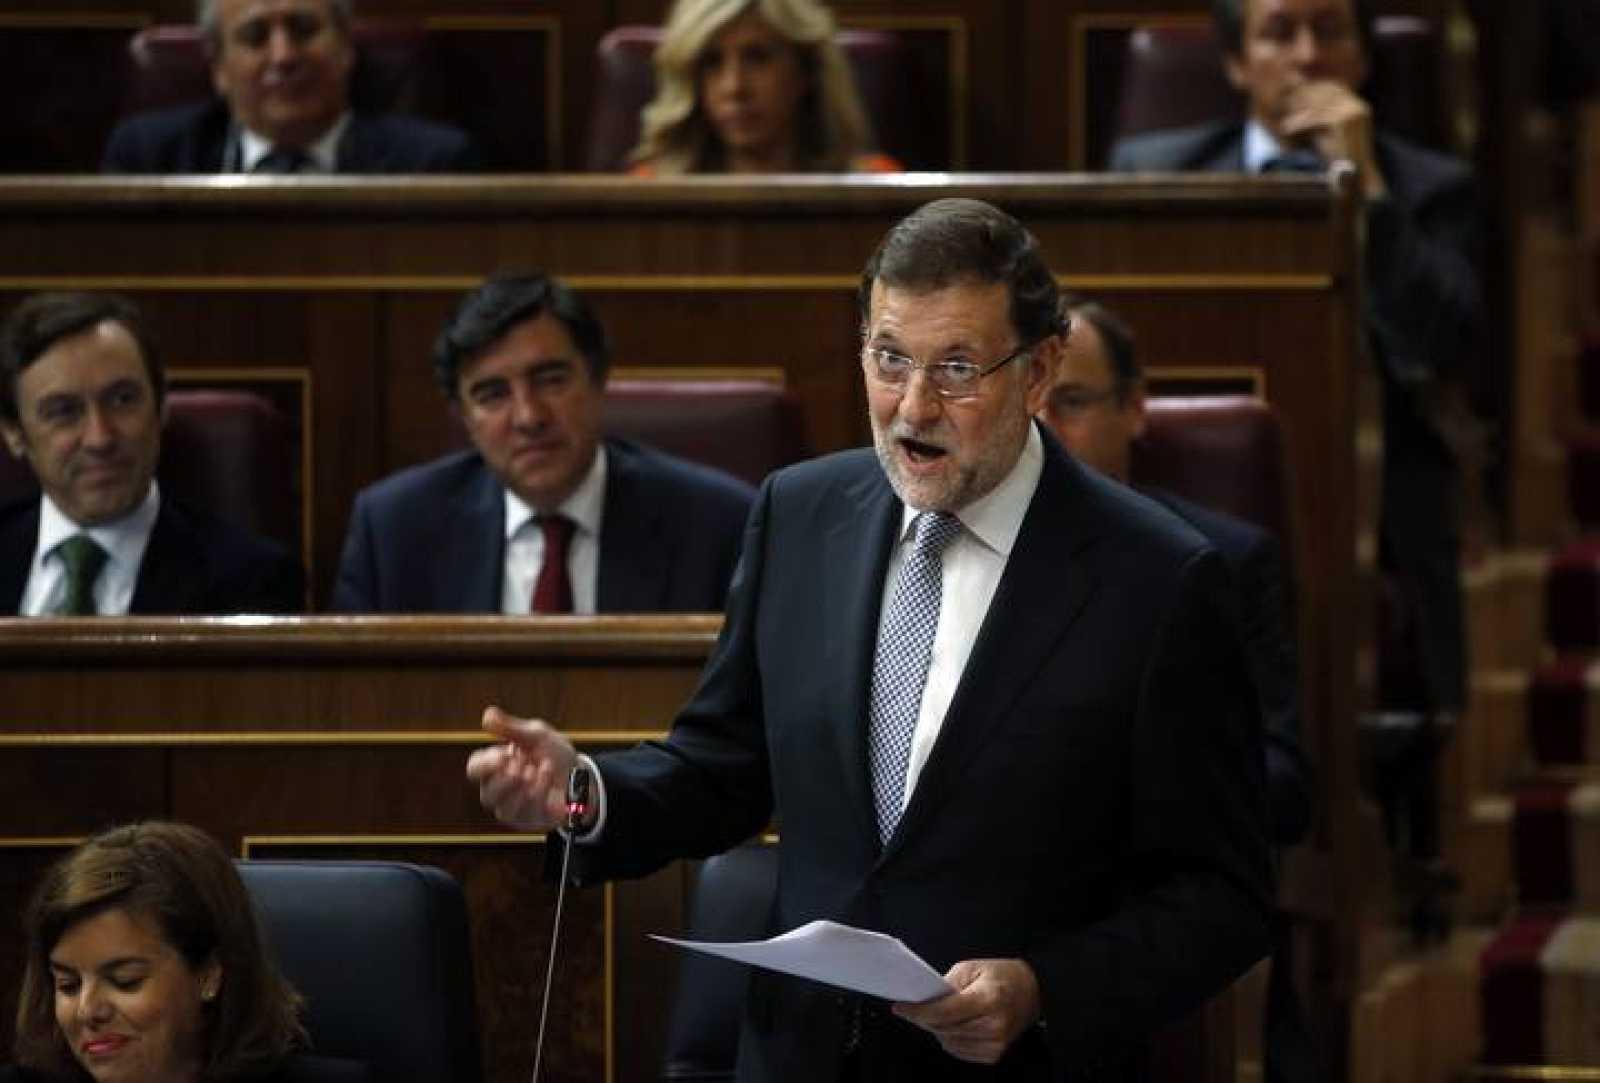 El presidente del Gobierno, Mariano Rajoy, en la sesión de control al Gobierno